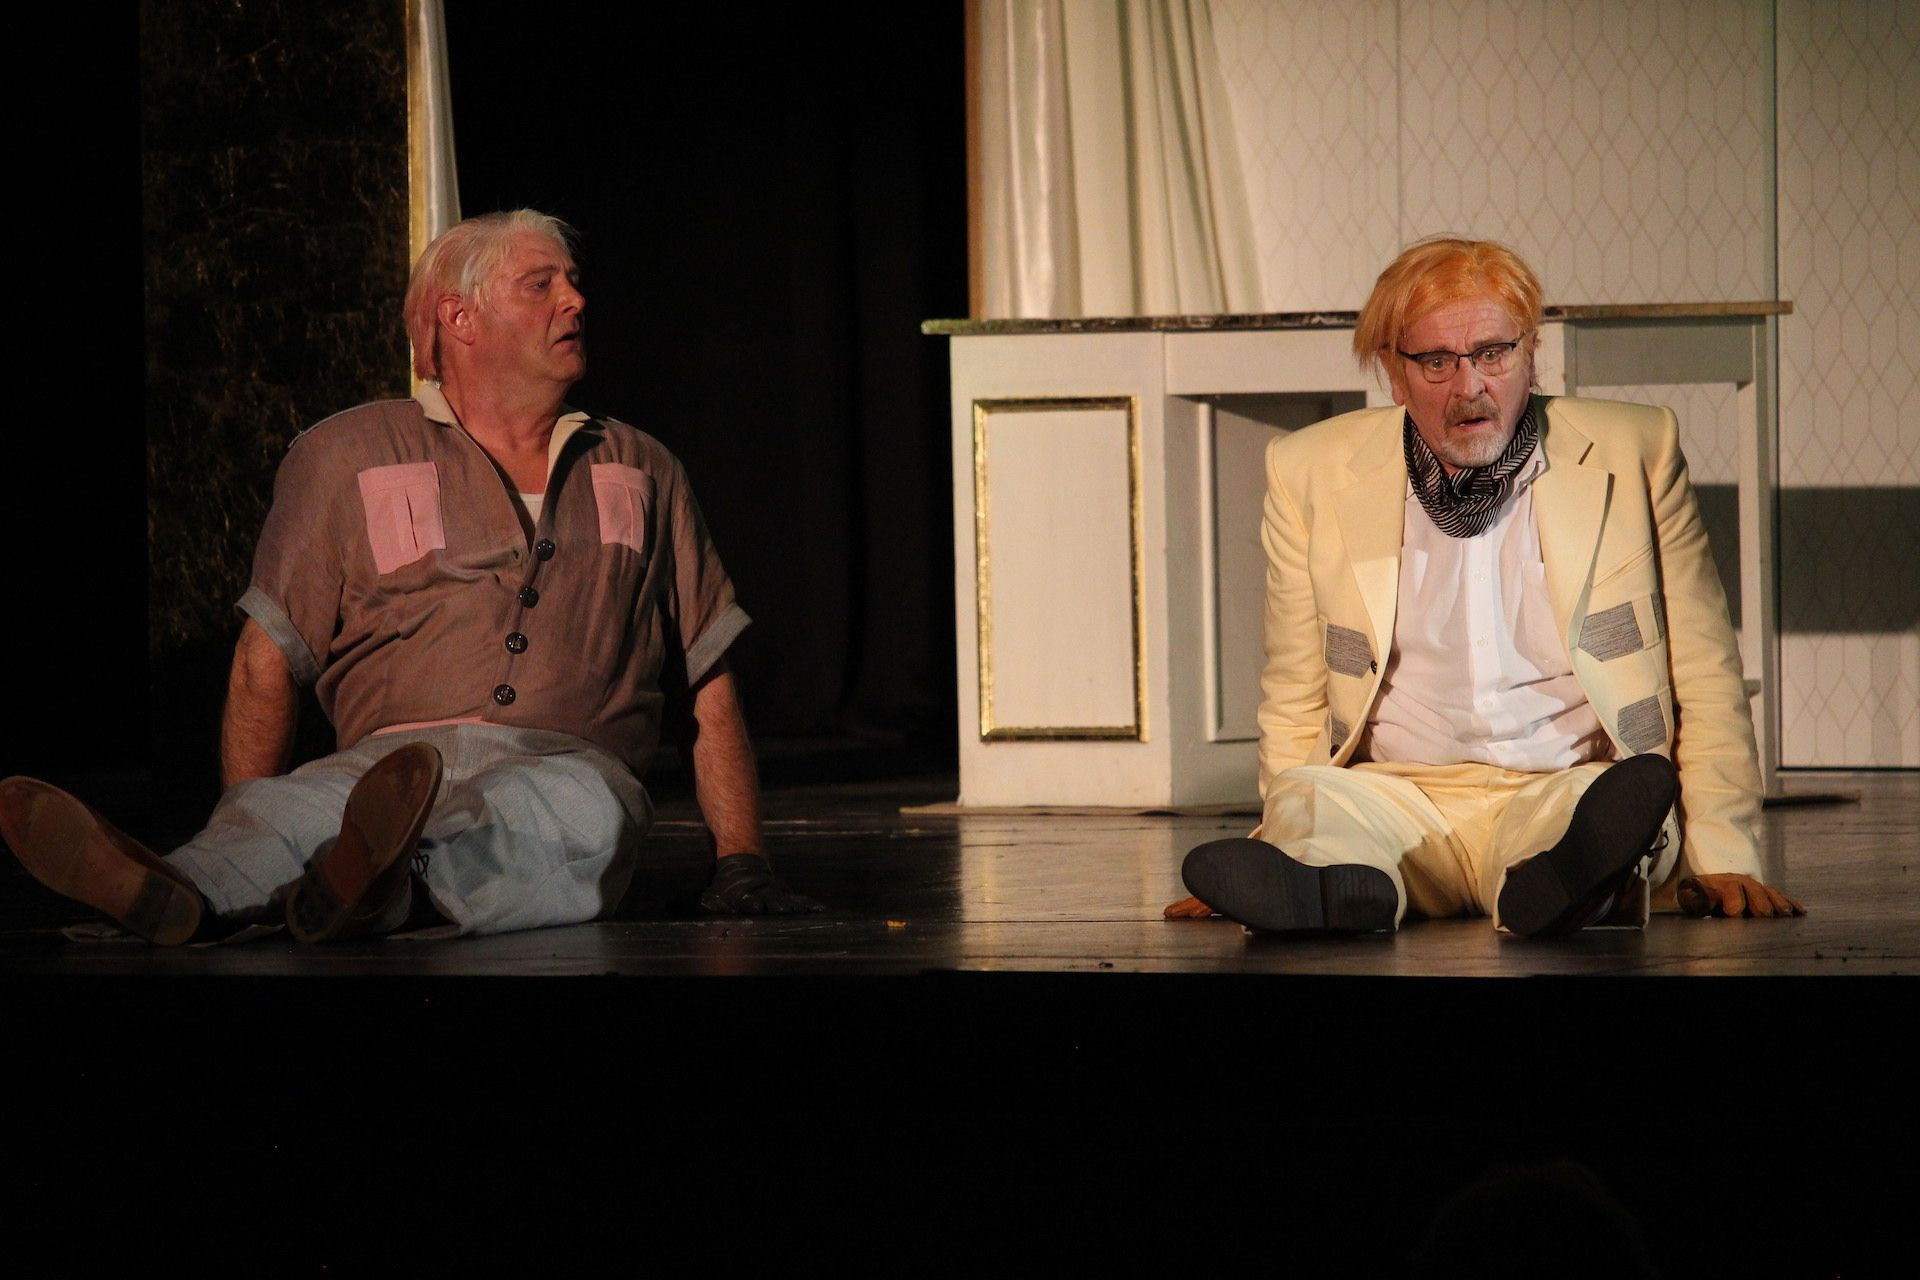 Pfleger Marvin Wilson, gespielt von Christoph Sommer (links), und sein Klinikchef Dr. William R. Chumley (Helmut Rühl) wollen eigentlich Elwood P. Dowd von Harvey befreien. Doch Chumley verfällt dem Charme des Hasen. Foto: Heinzel